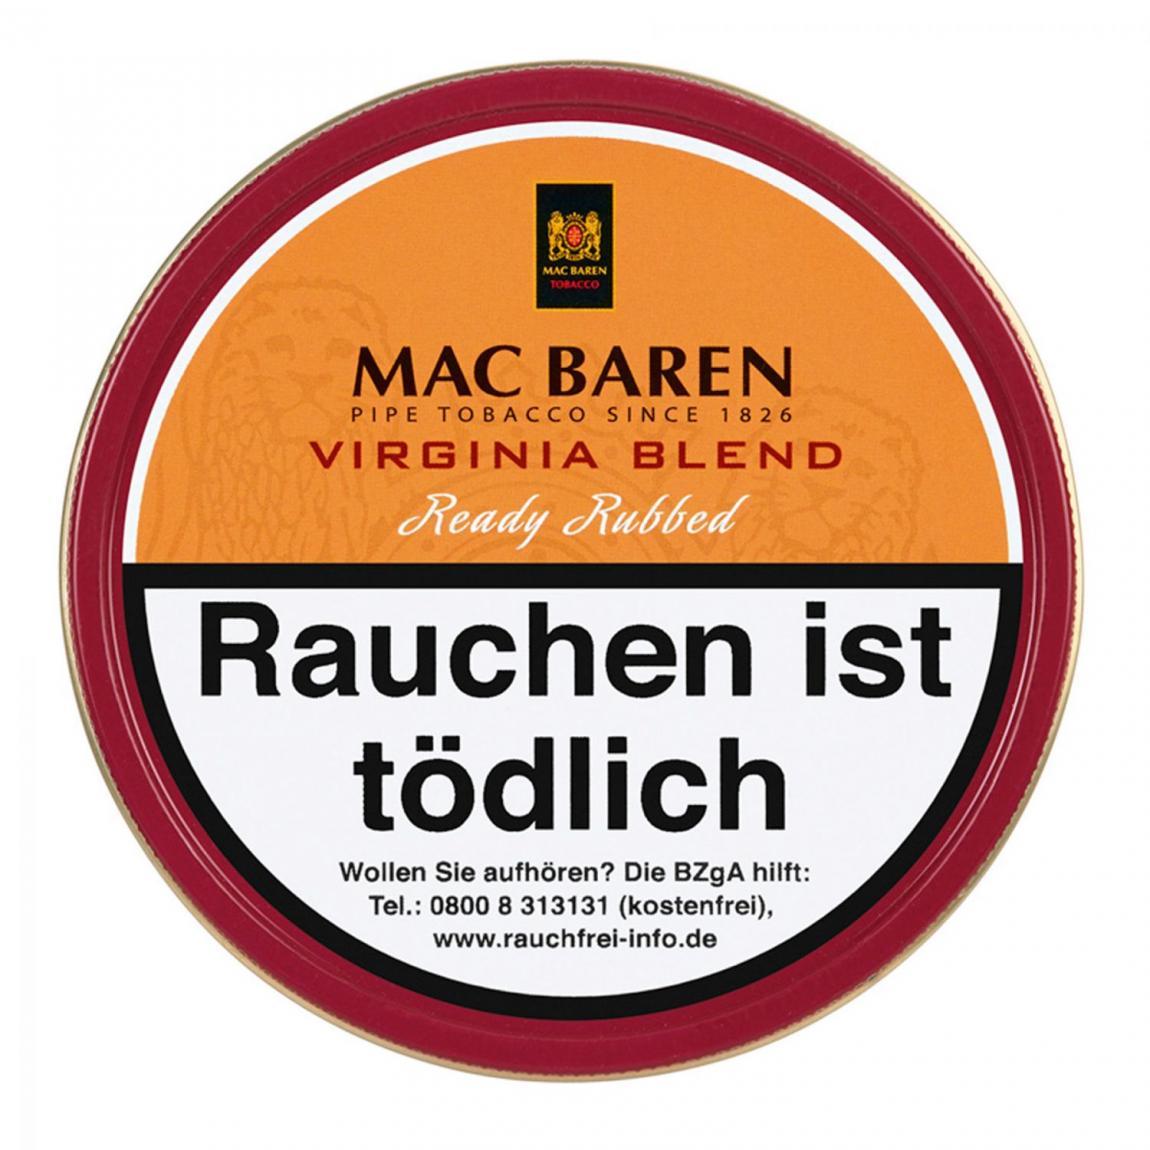 Mac Baren »Virginia Blend« Ready Rubbed